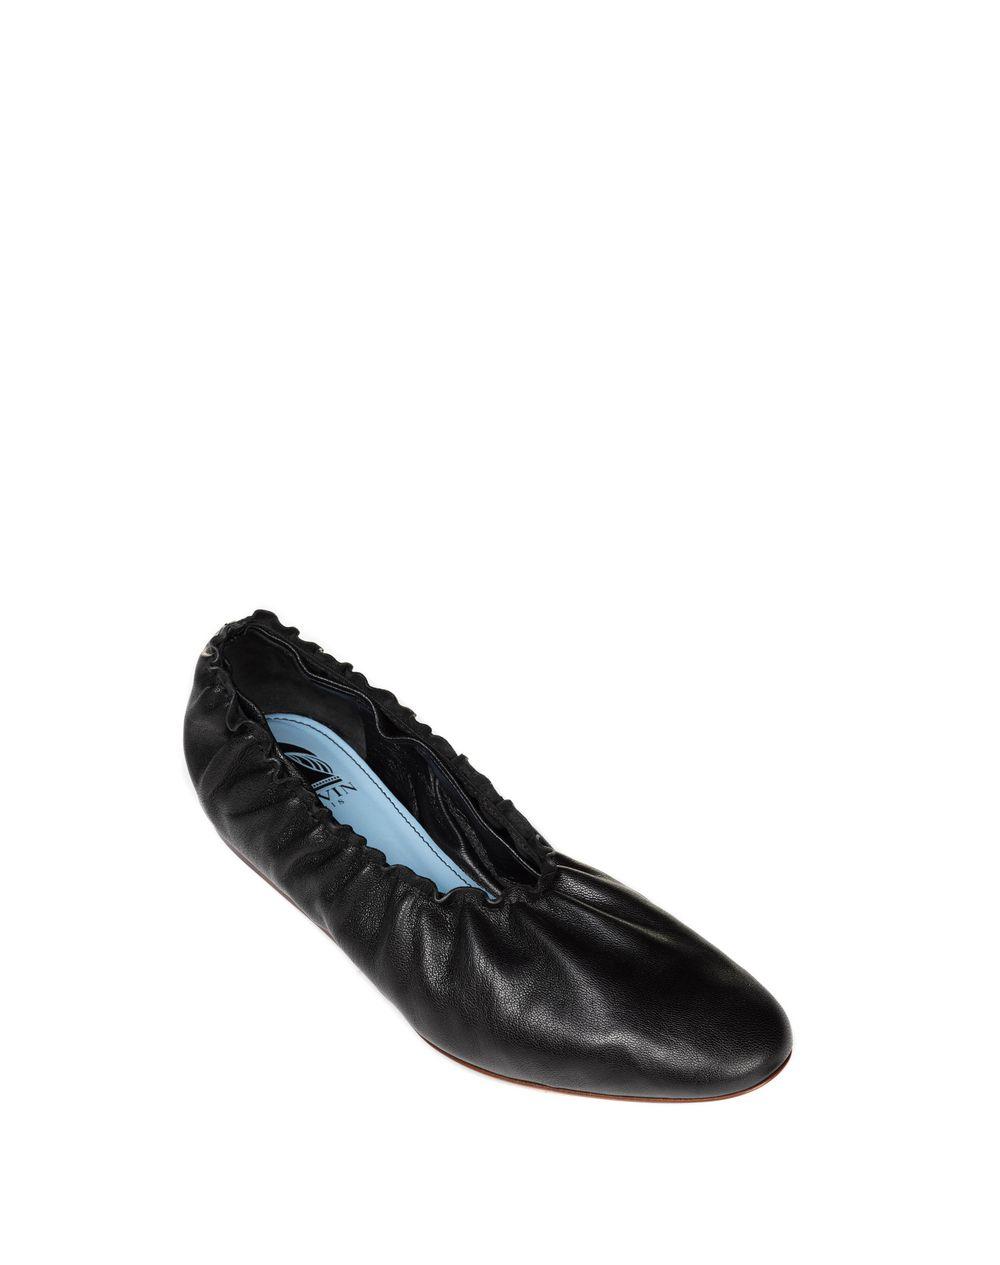 miglior servizio 6ddd6 d2039 Ballerine Alte Elasticizzate Lanvin, Ballerina Donna ...